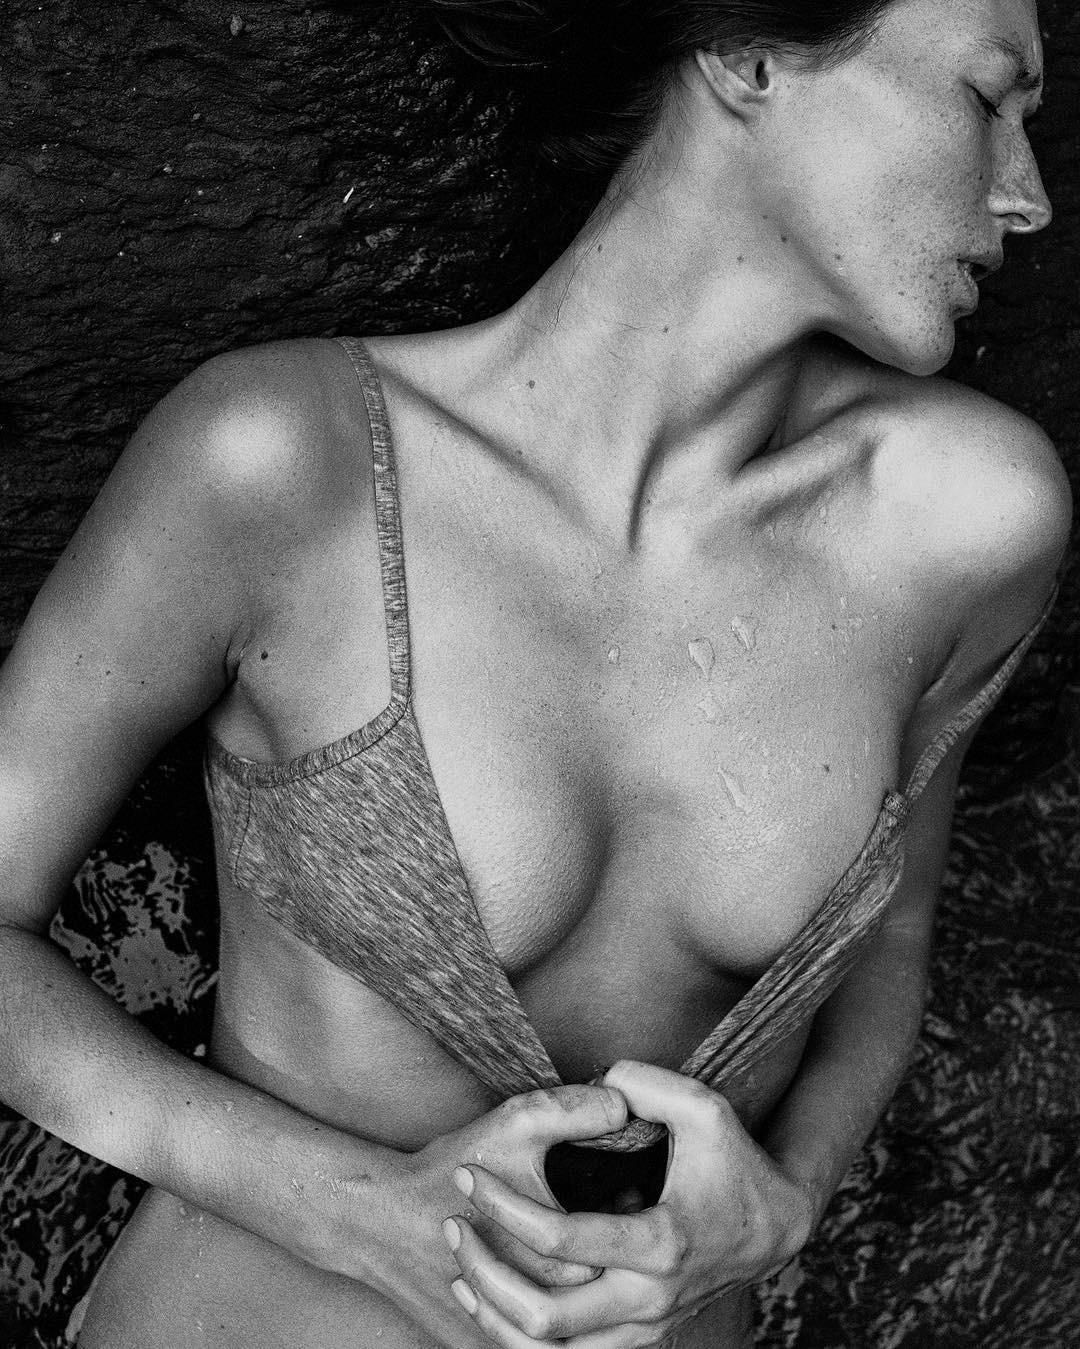 Это загадочная и притягательная часть женского тела по двум причинам. Во-первых, впадины за ушком не видно под волосами, а значит доступ к ним мужчина получает лишь в самые интимные момен...